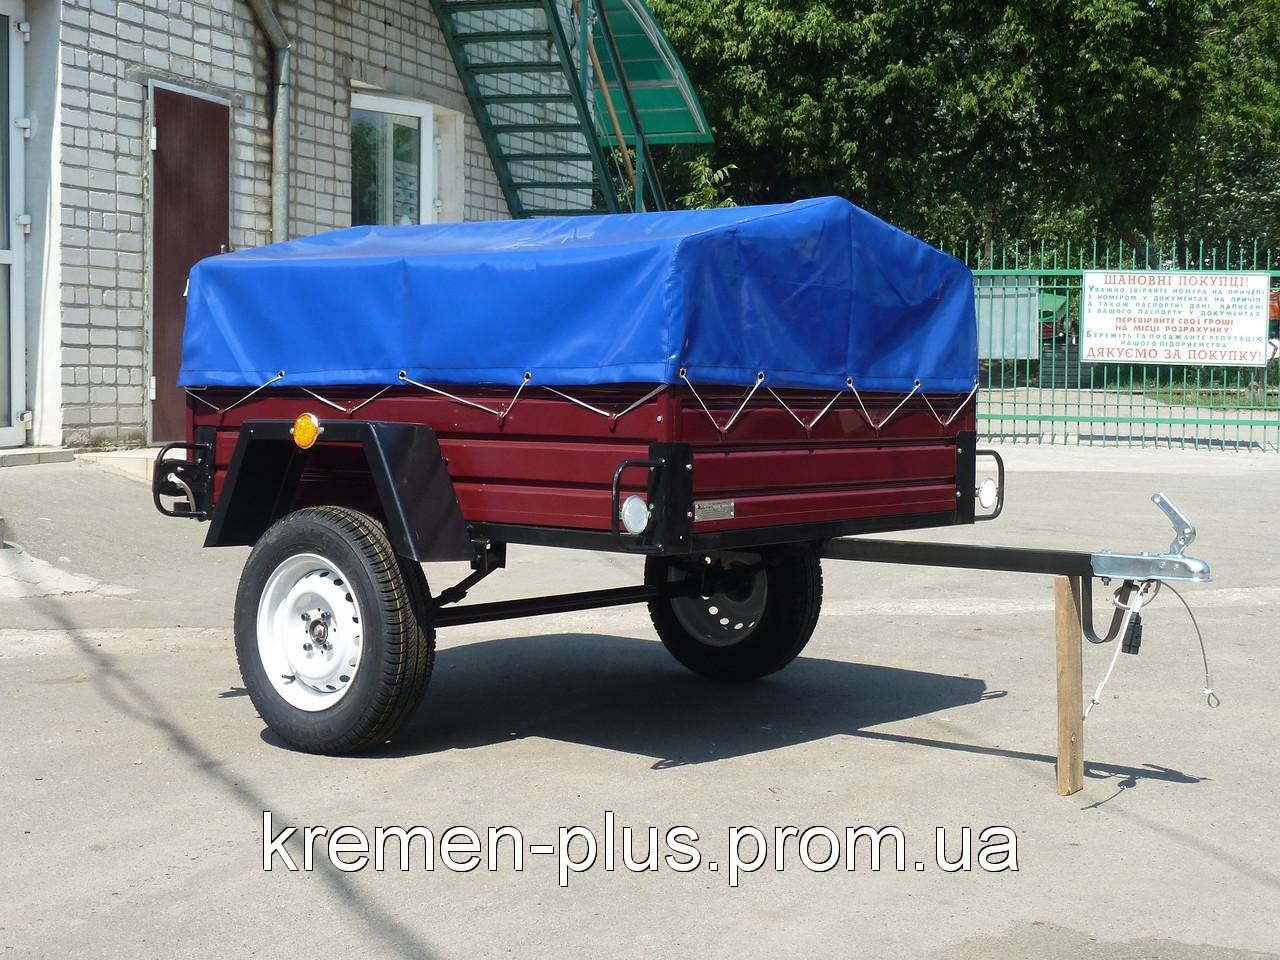 Продам одноосный легковой прицеп в Черкассах для автомобиля, фото 1